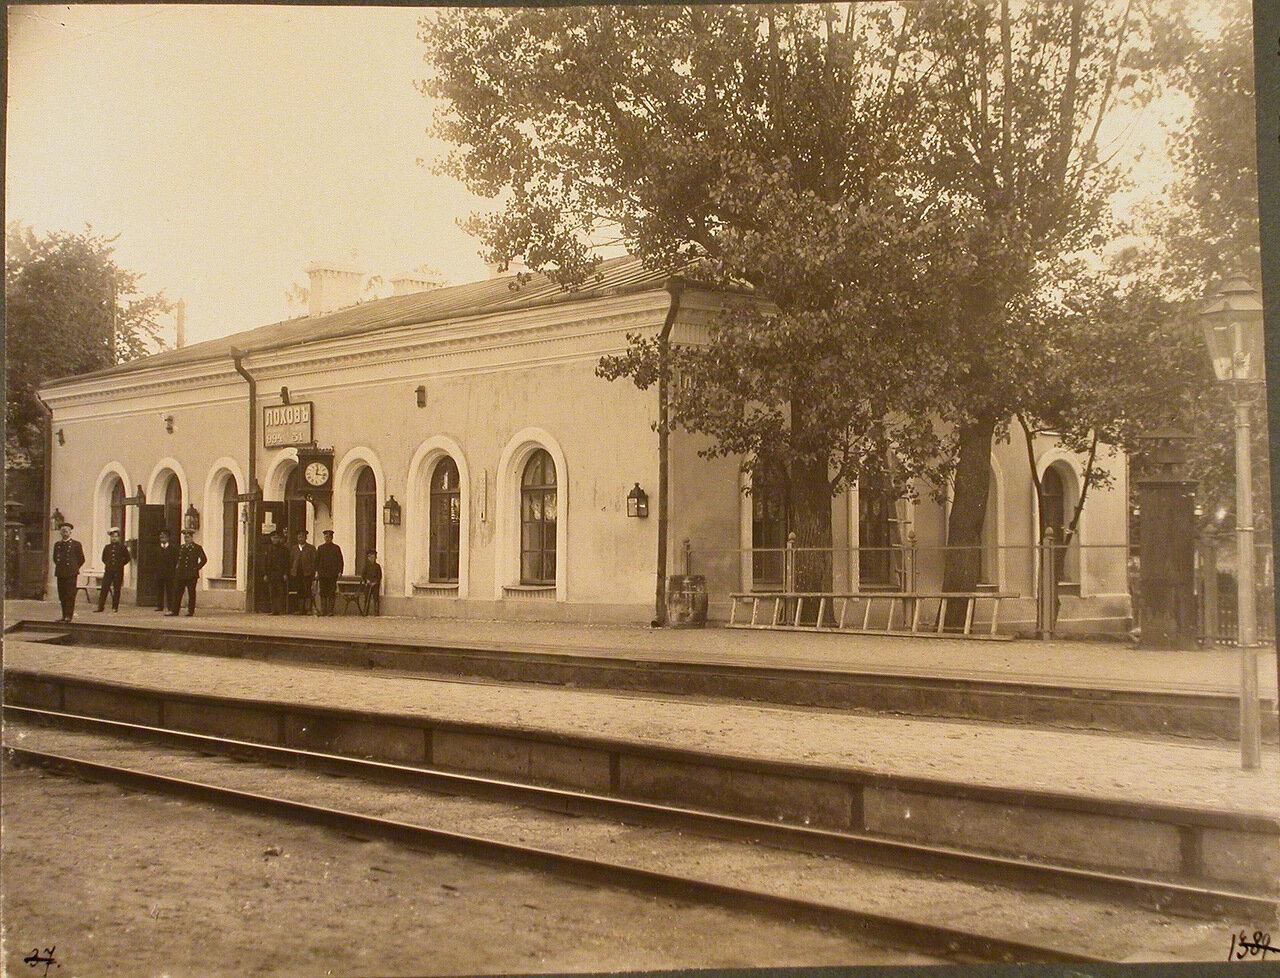 Варшавская губерния. Станция Лохов. Между 967 и 1046 верстами. Группа служащих у пассажирского здания на станции